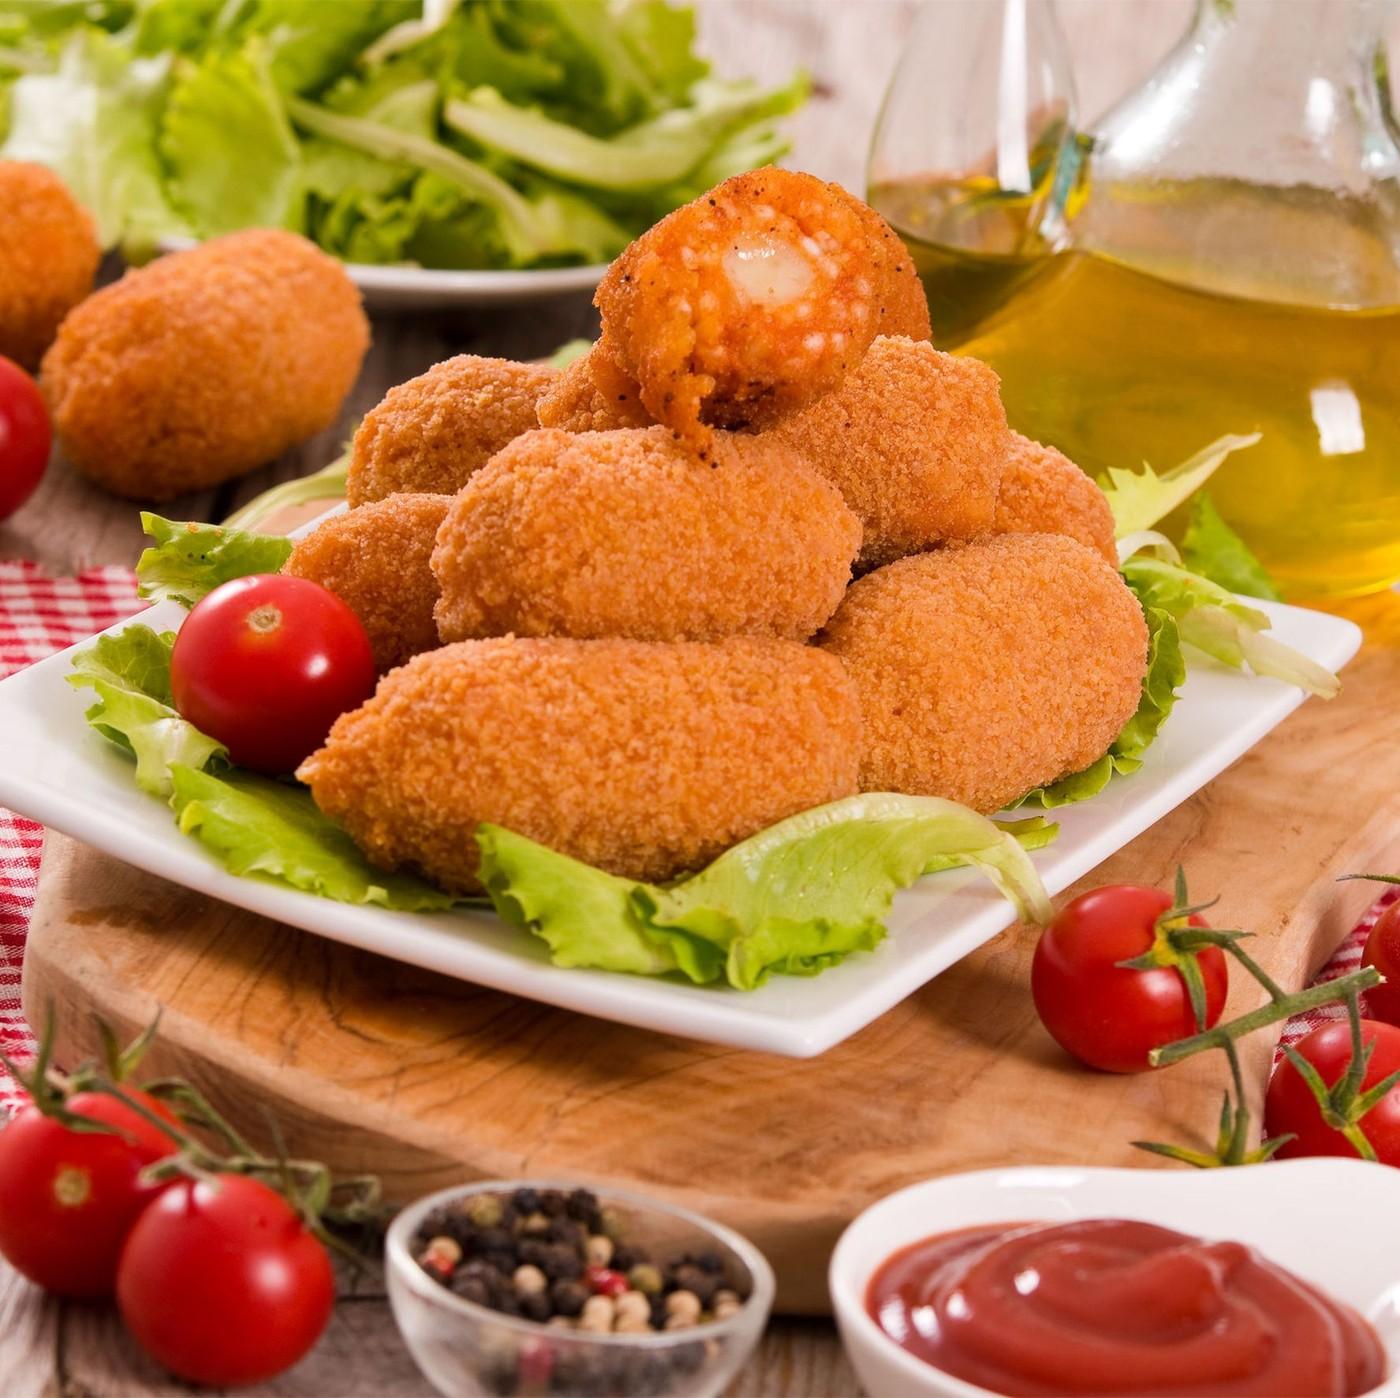 receta de Suppli De Tomate Y Mozzarella